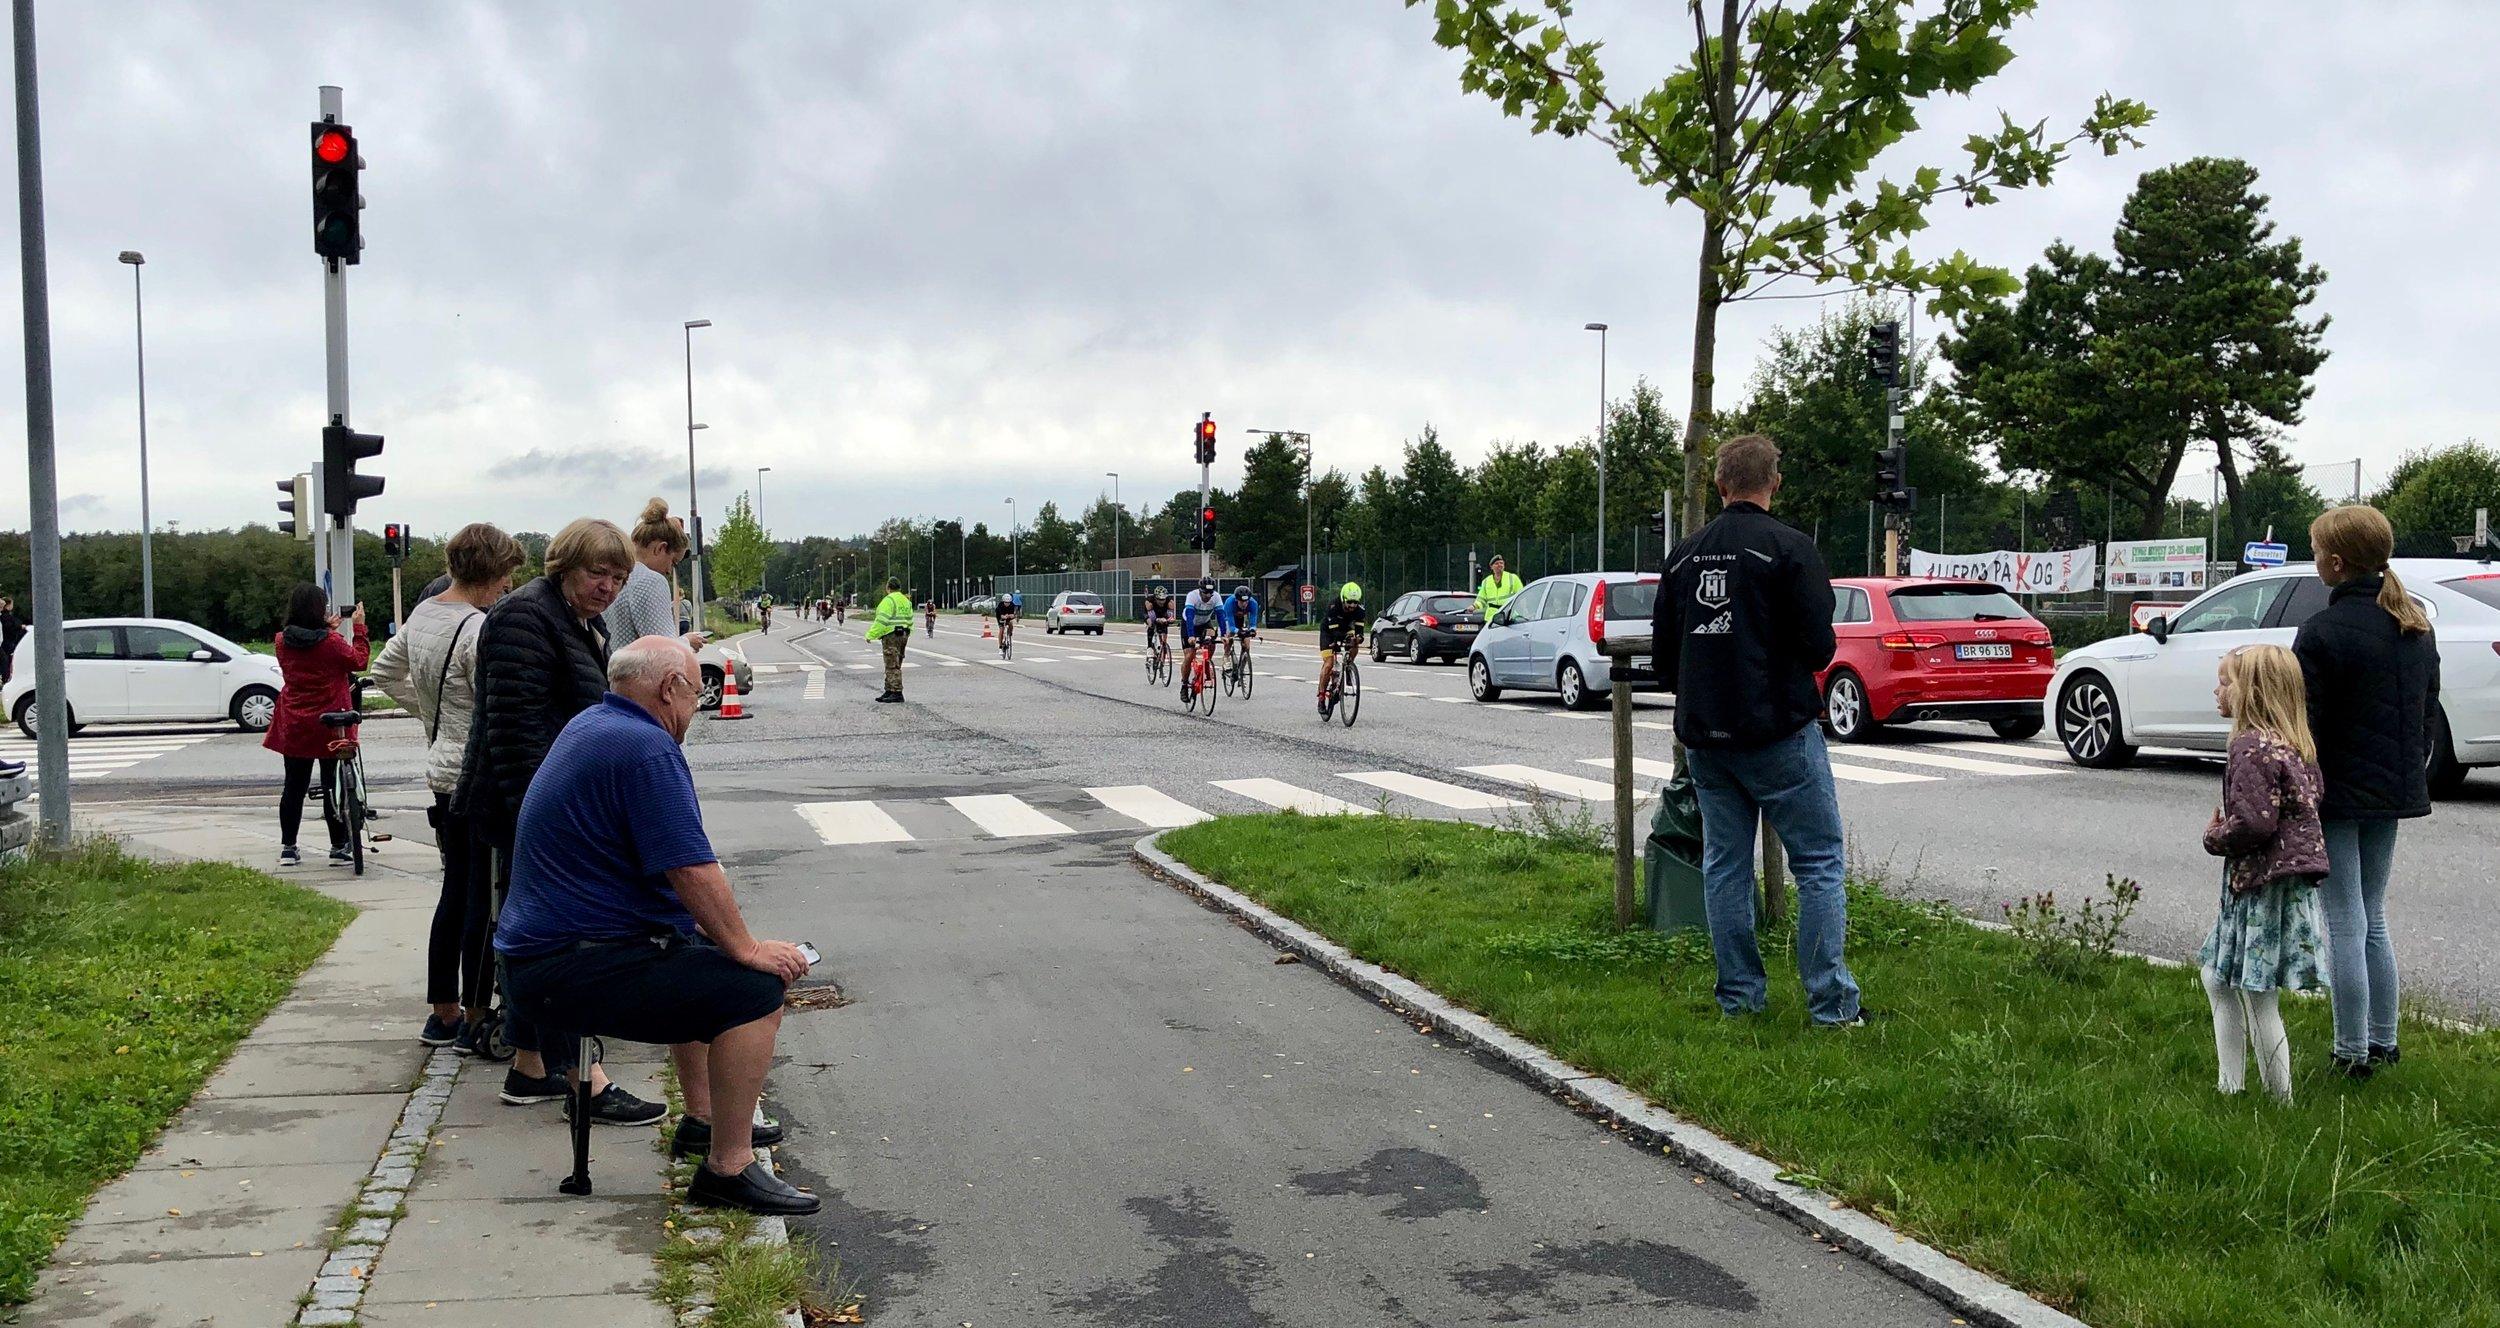 Ironman-rytterne kom nordfra fra Kirkeltevej og fortsatte ad Kongevejen syd på mod København. Helt fra tidlig på dagen var der trafikregulering bl.a. ved Sortemosevej-T-krydset. Foto: AOB